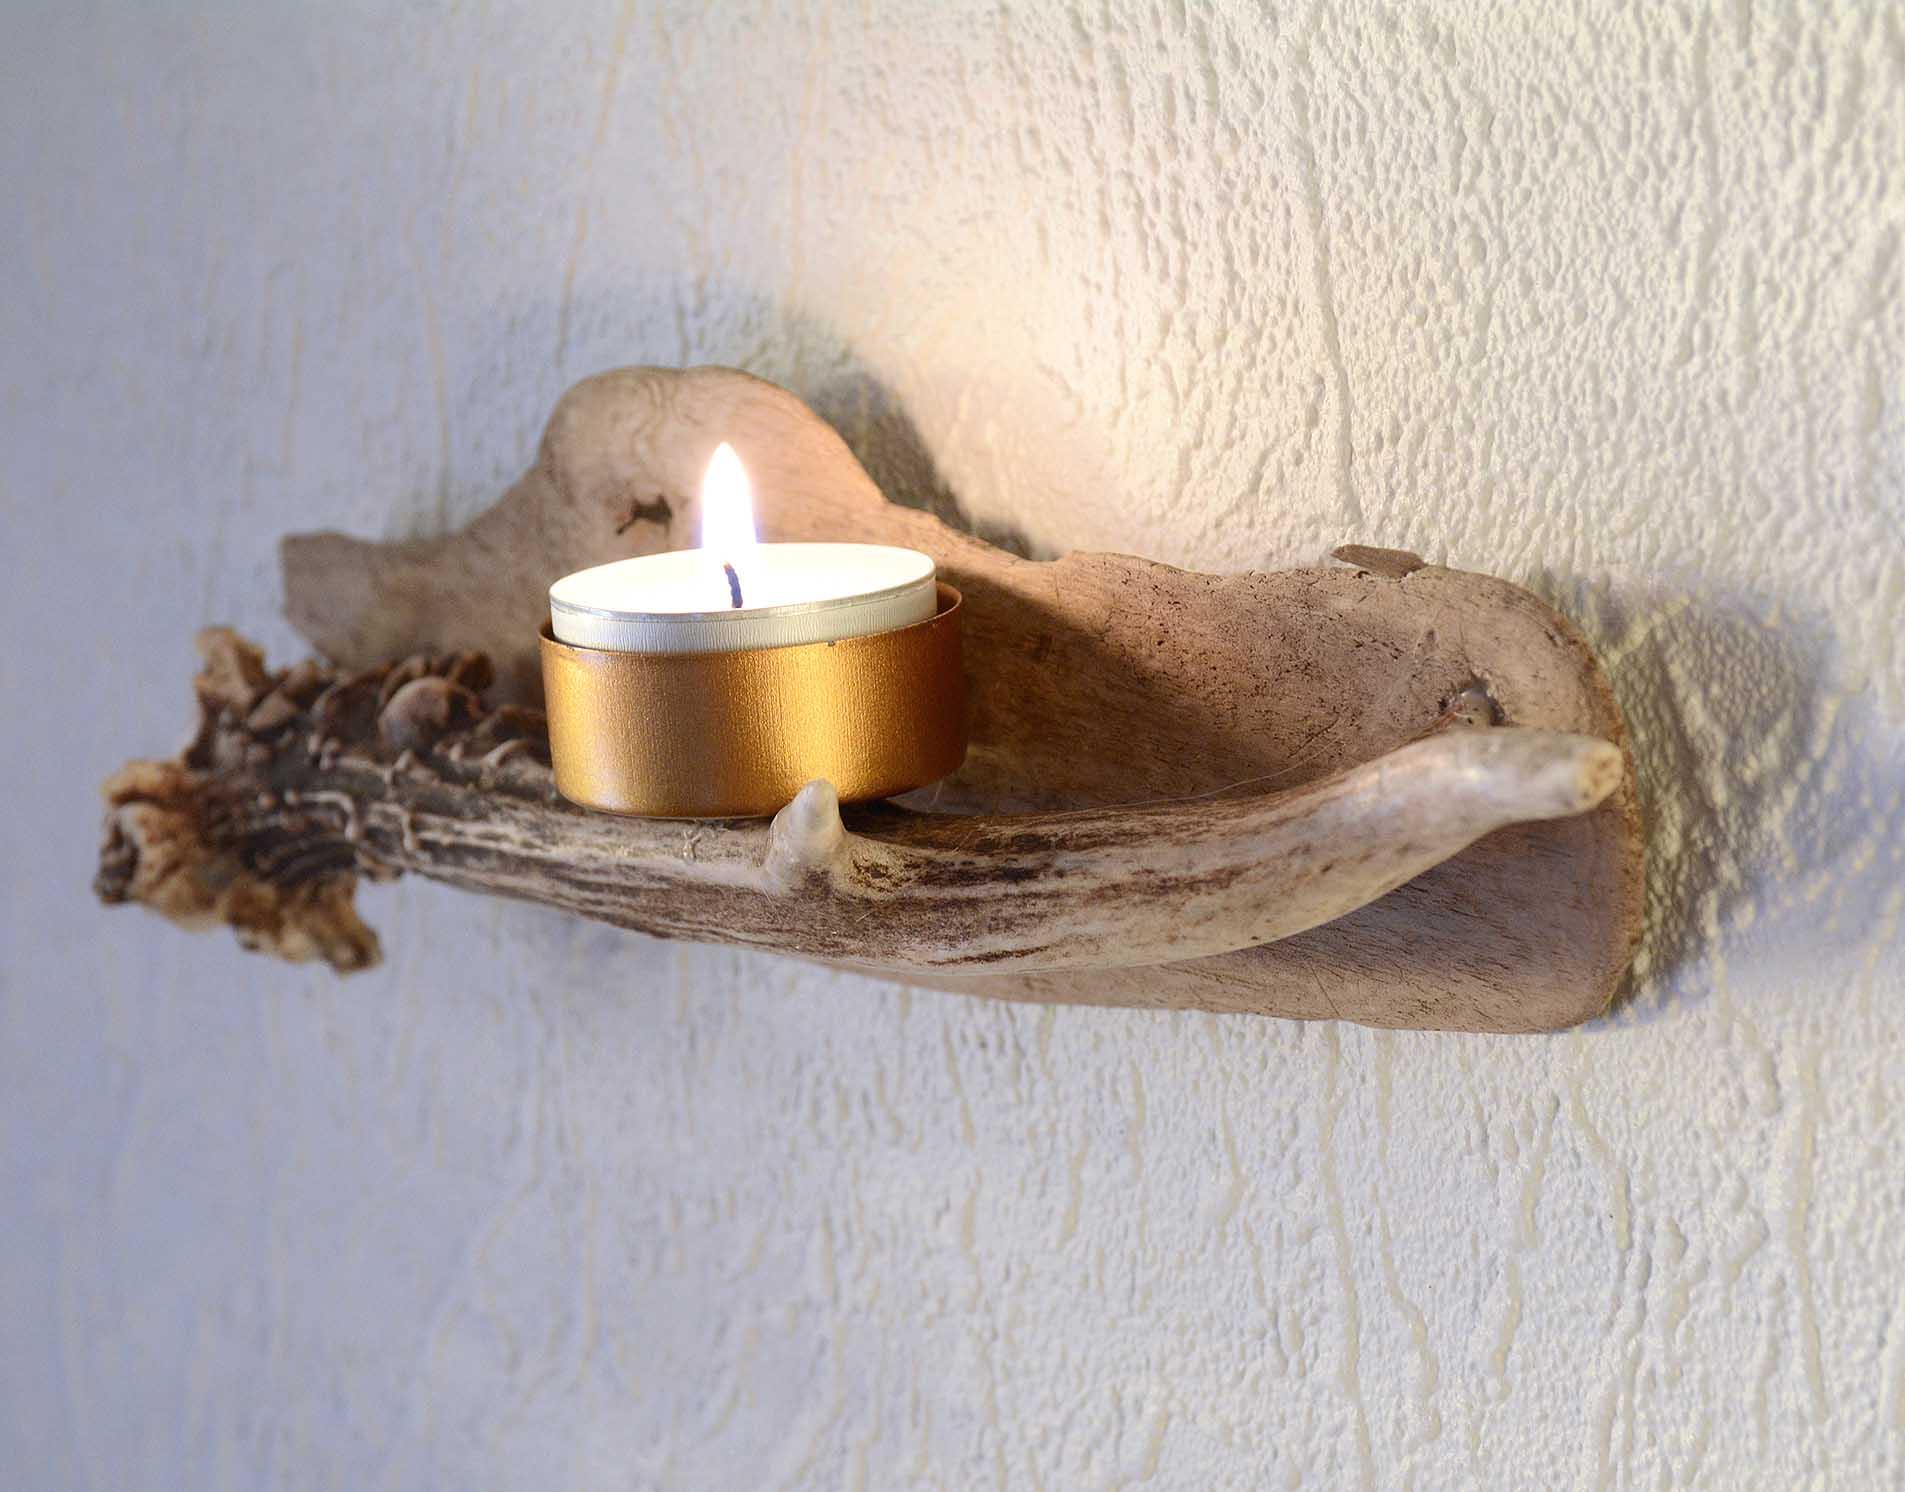 Ljushållare av ett renhorn och drivved